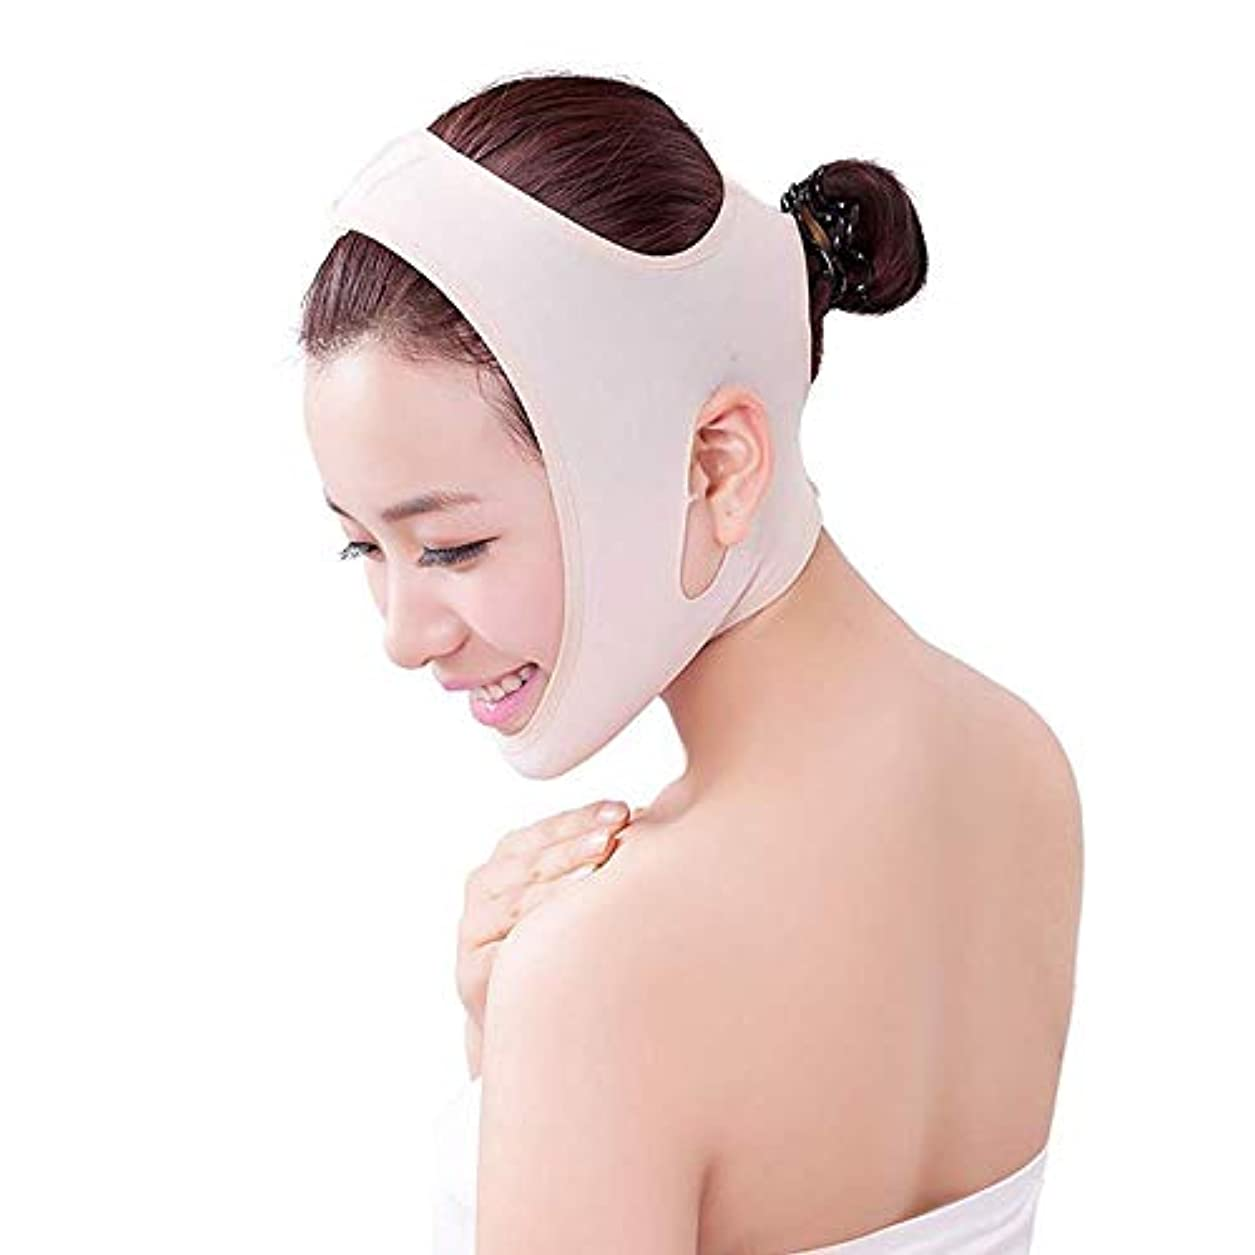 驚いた危険にさらされている真実Thin Face Belt - 男性用および女性用の包帯をフレンチフェイシャルリフティングマスクに固定するフェースリフティングベルト(サイズ:XS)